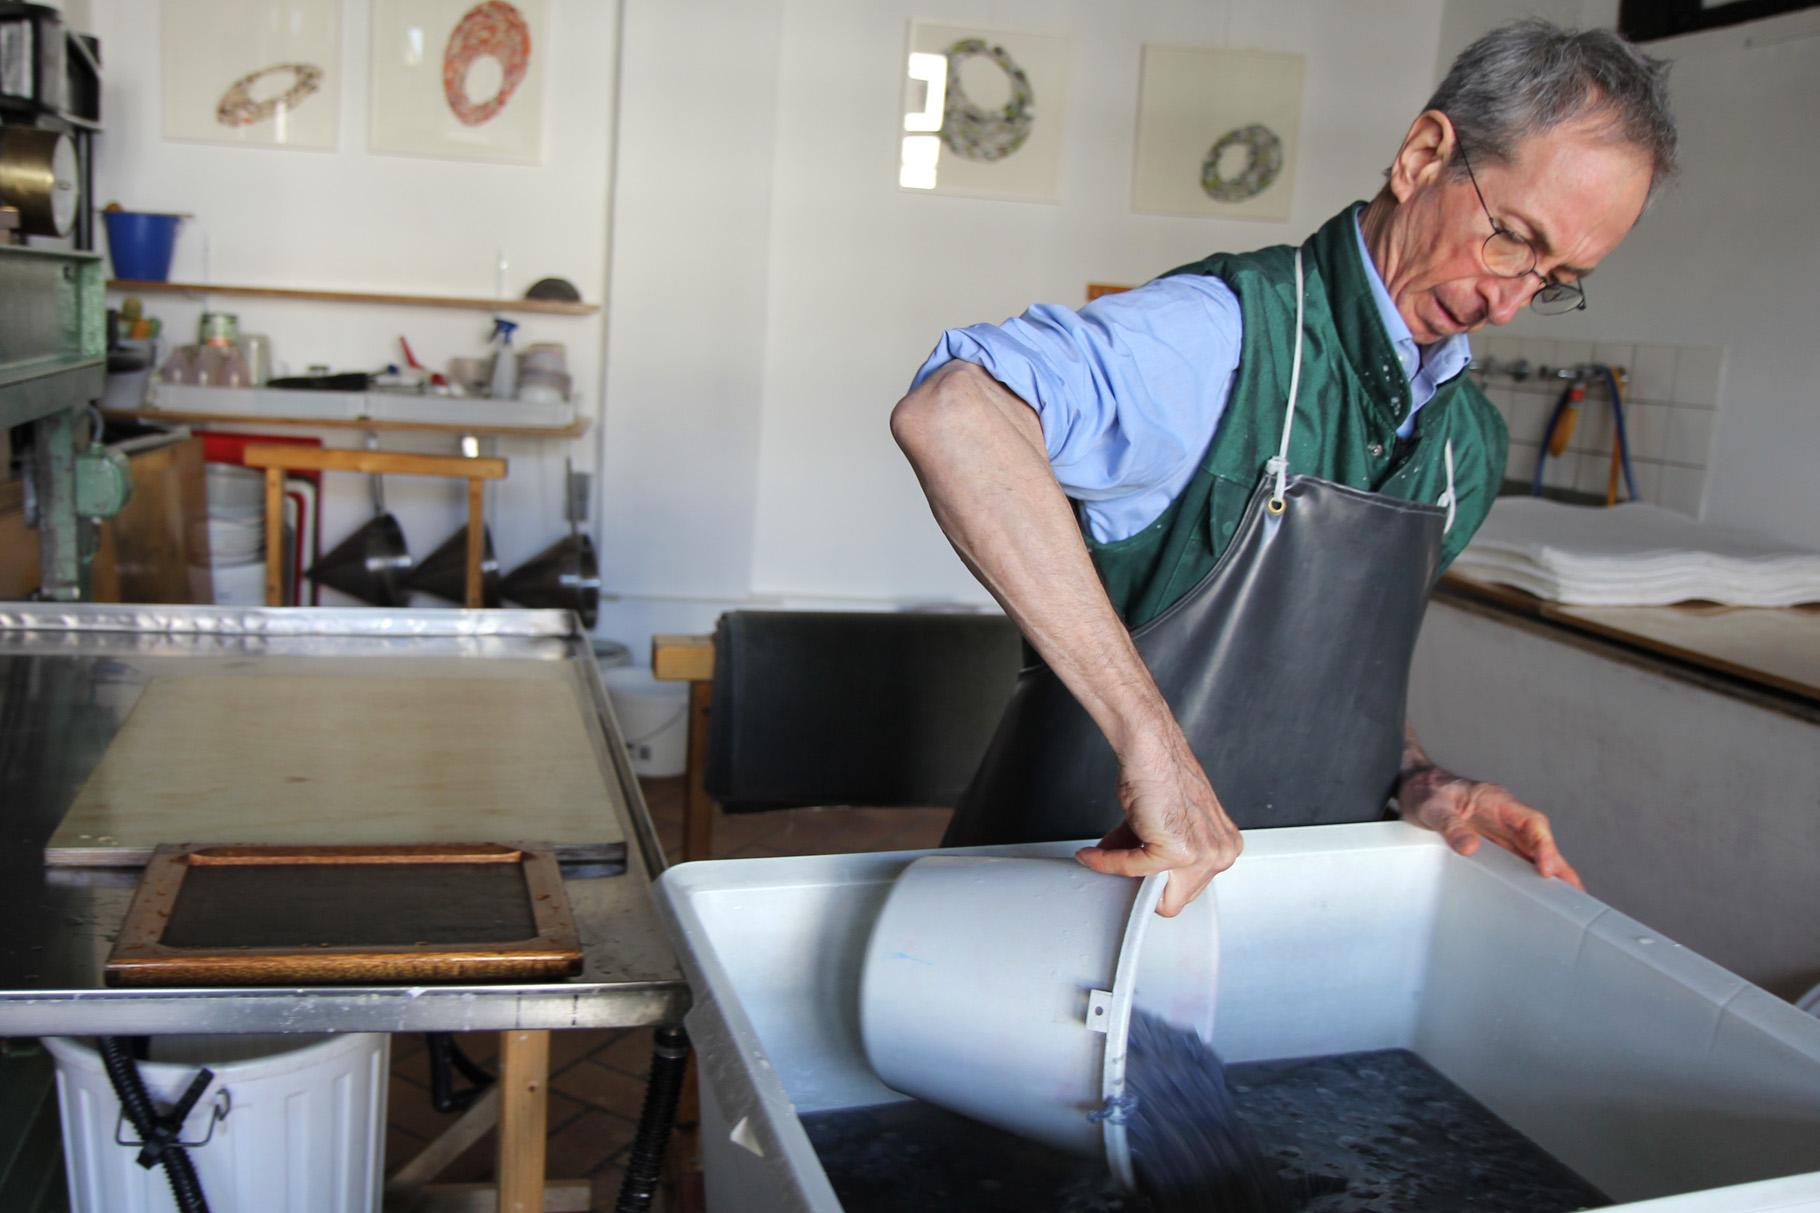 John Gerard füllt den fertig geschlagenen Faserbrei in die mit Wasser gefüllte Bütte...